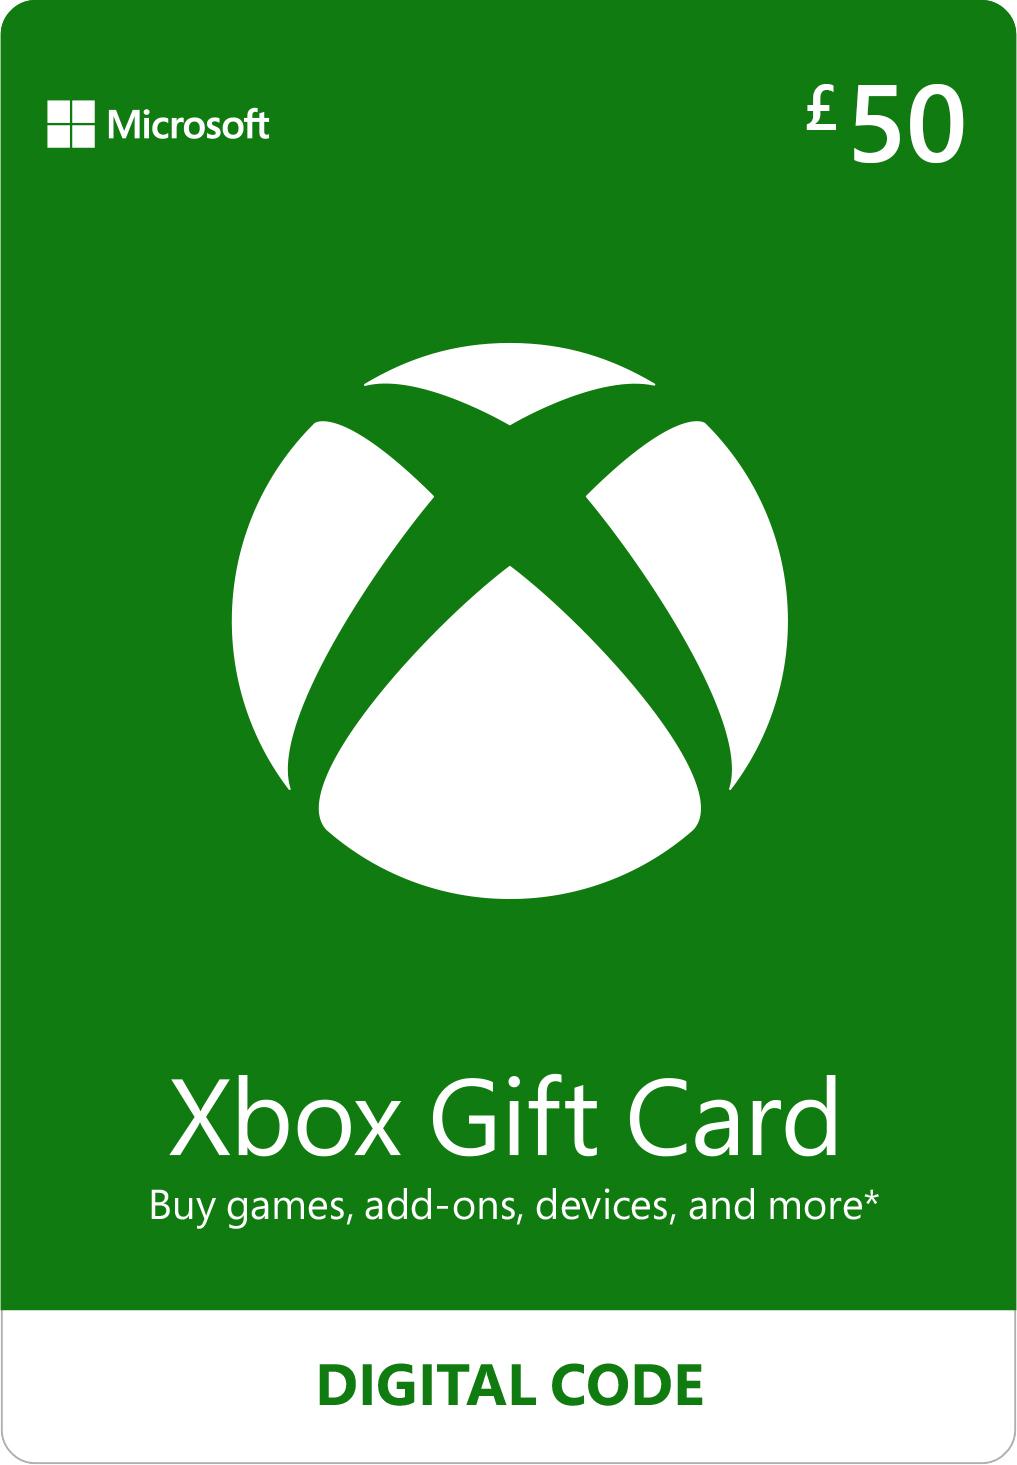 Xbox_Gift_Card_EN-UK_Digital_Code_RGB_50GBP.jpg